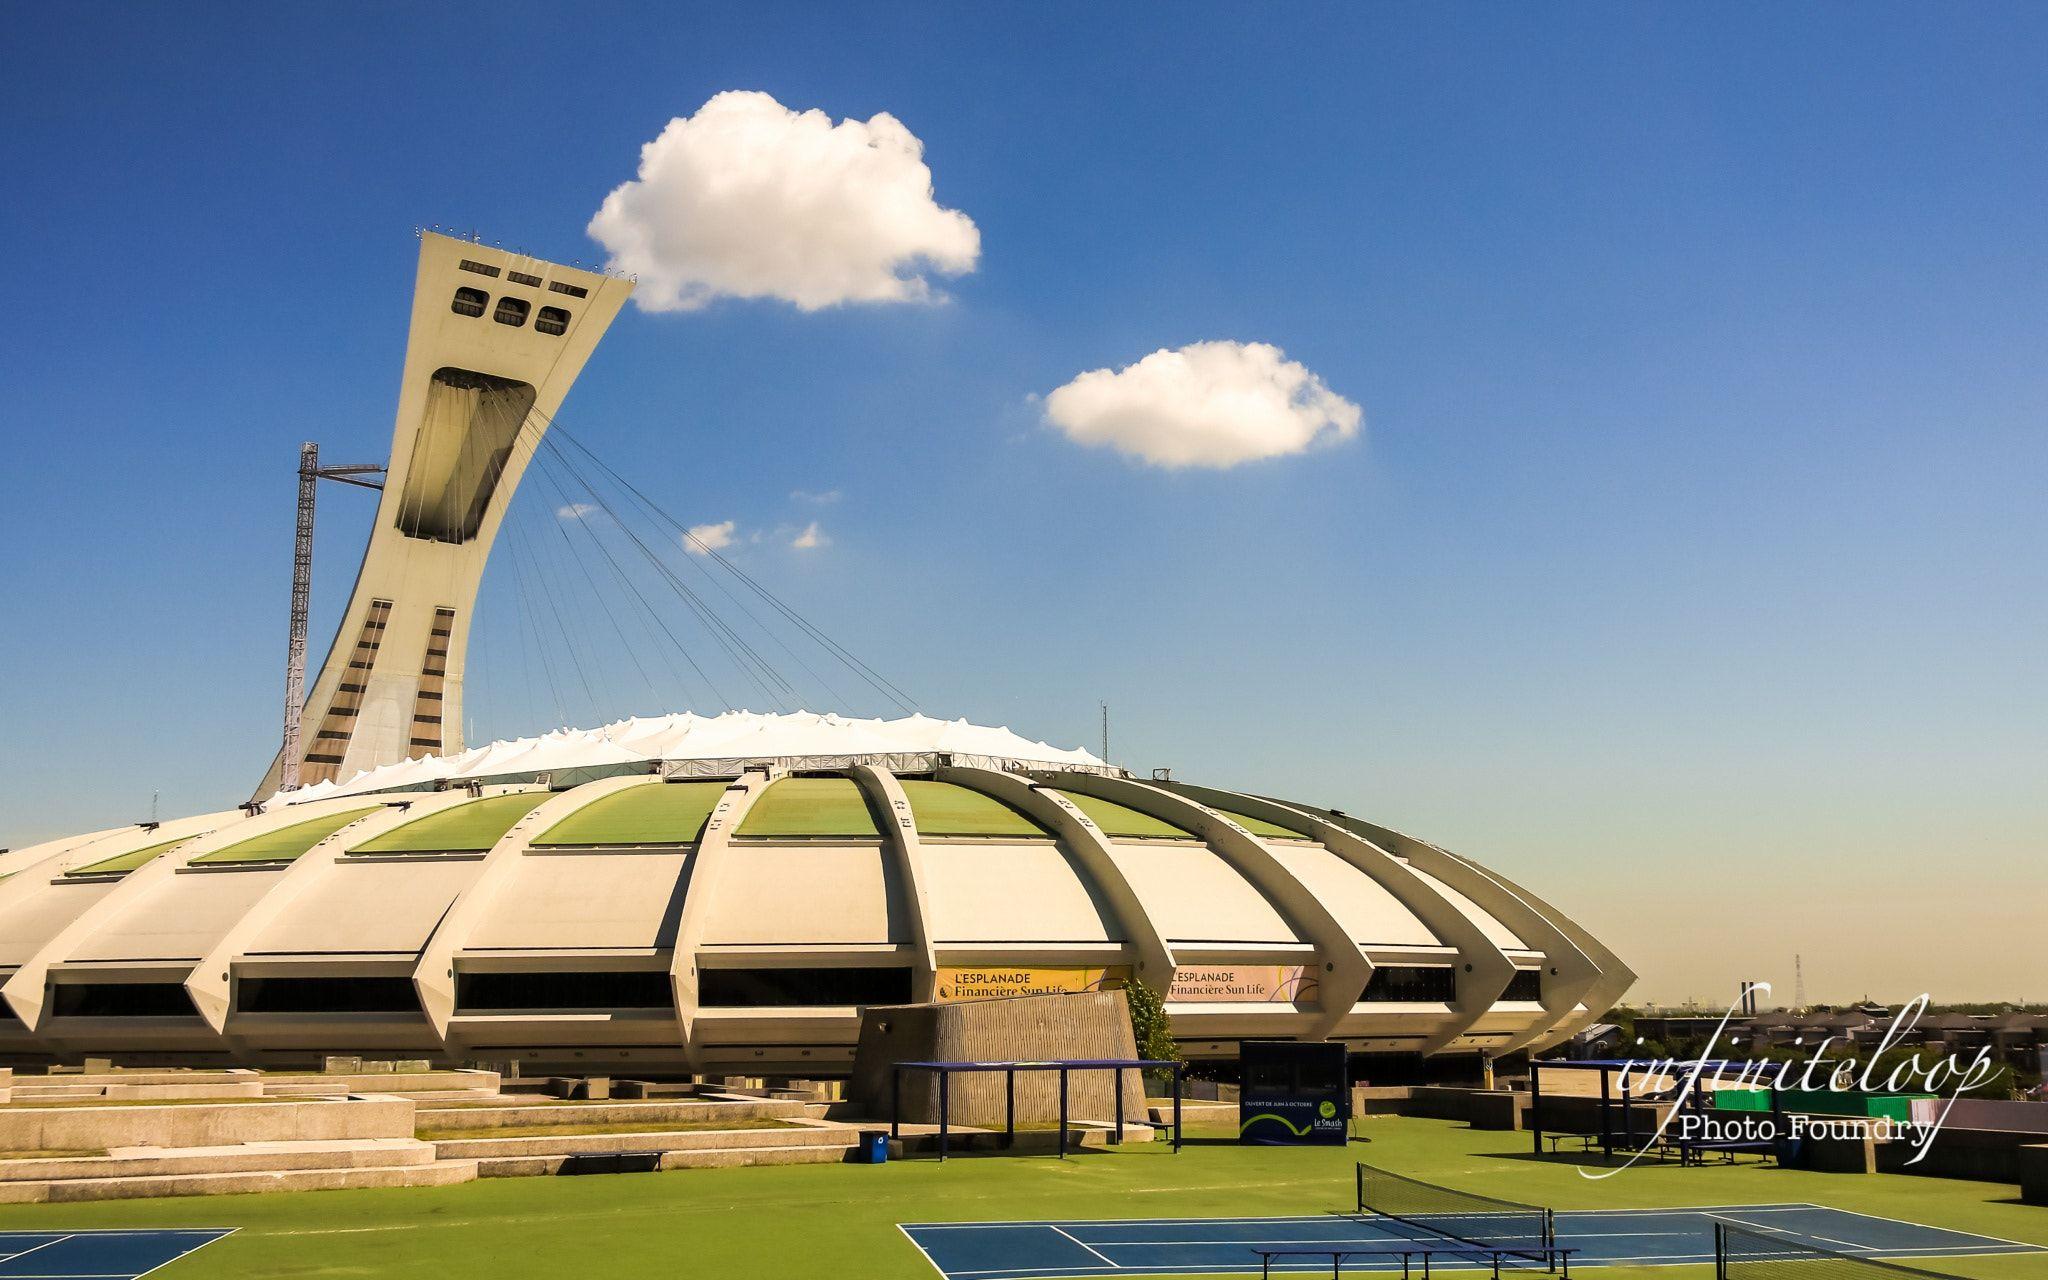 Parc olympique de Montréal - At the commence of Rio Olympics 2016, a ...